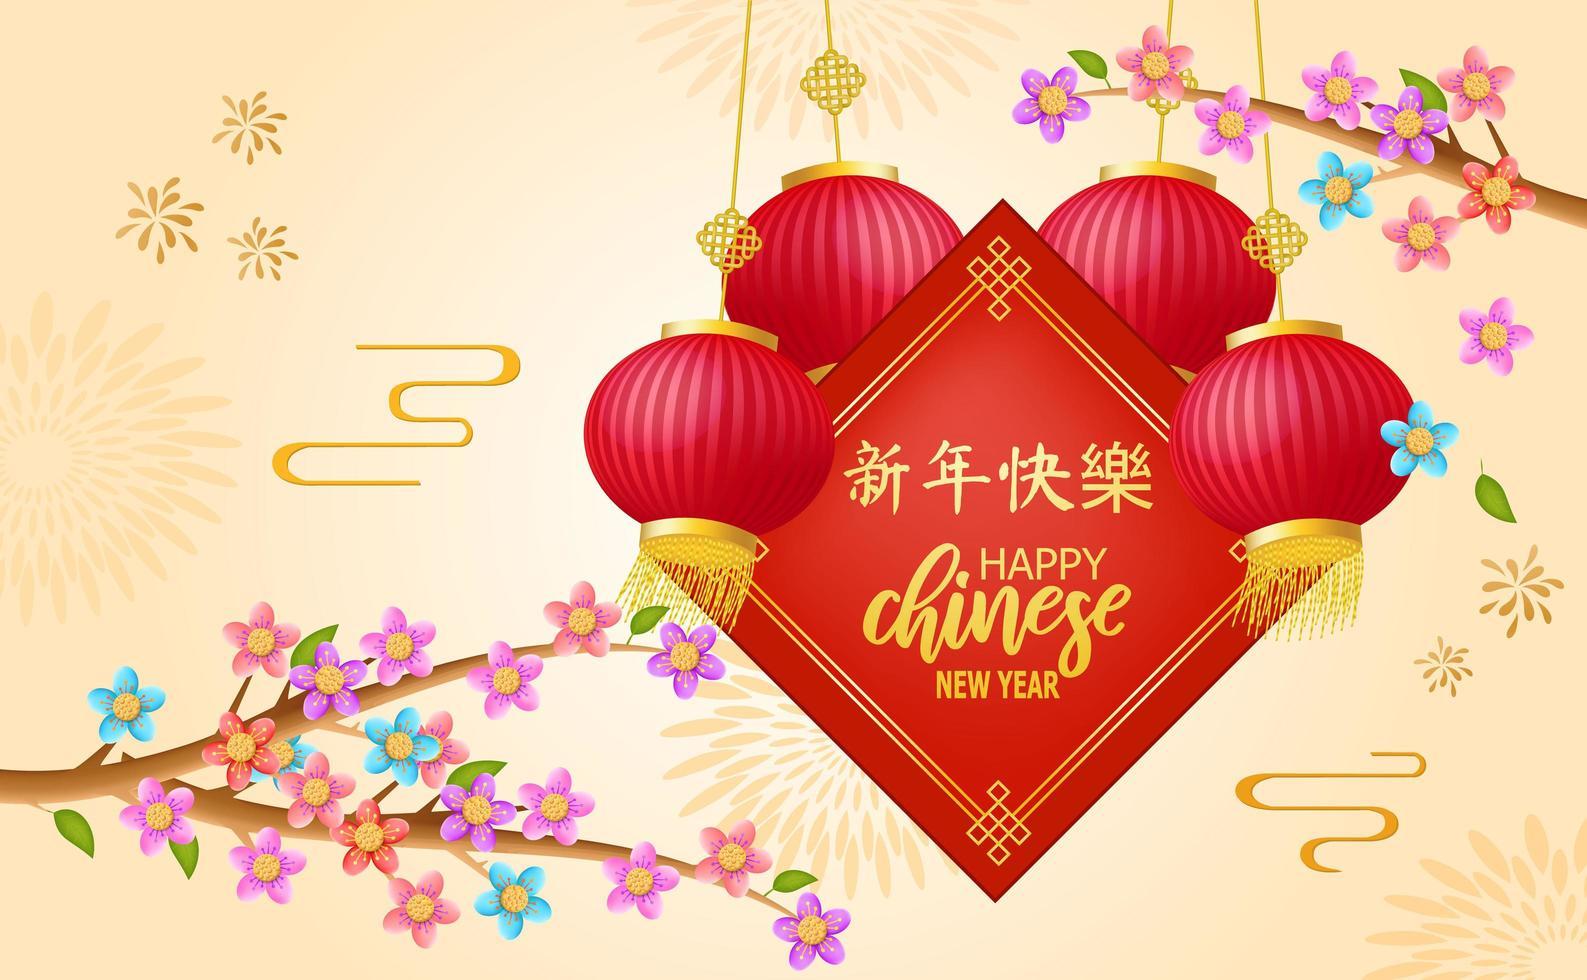 bonne année chiniese avec élément de lanterne chinoise vecteur